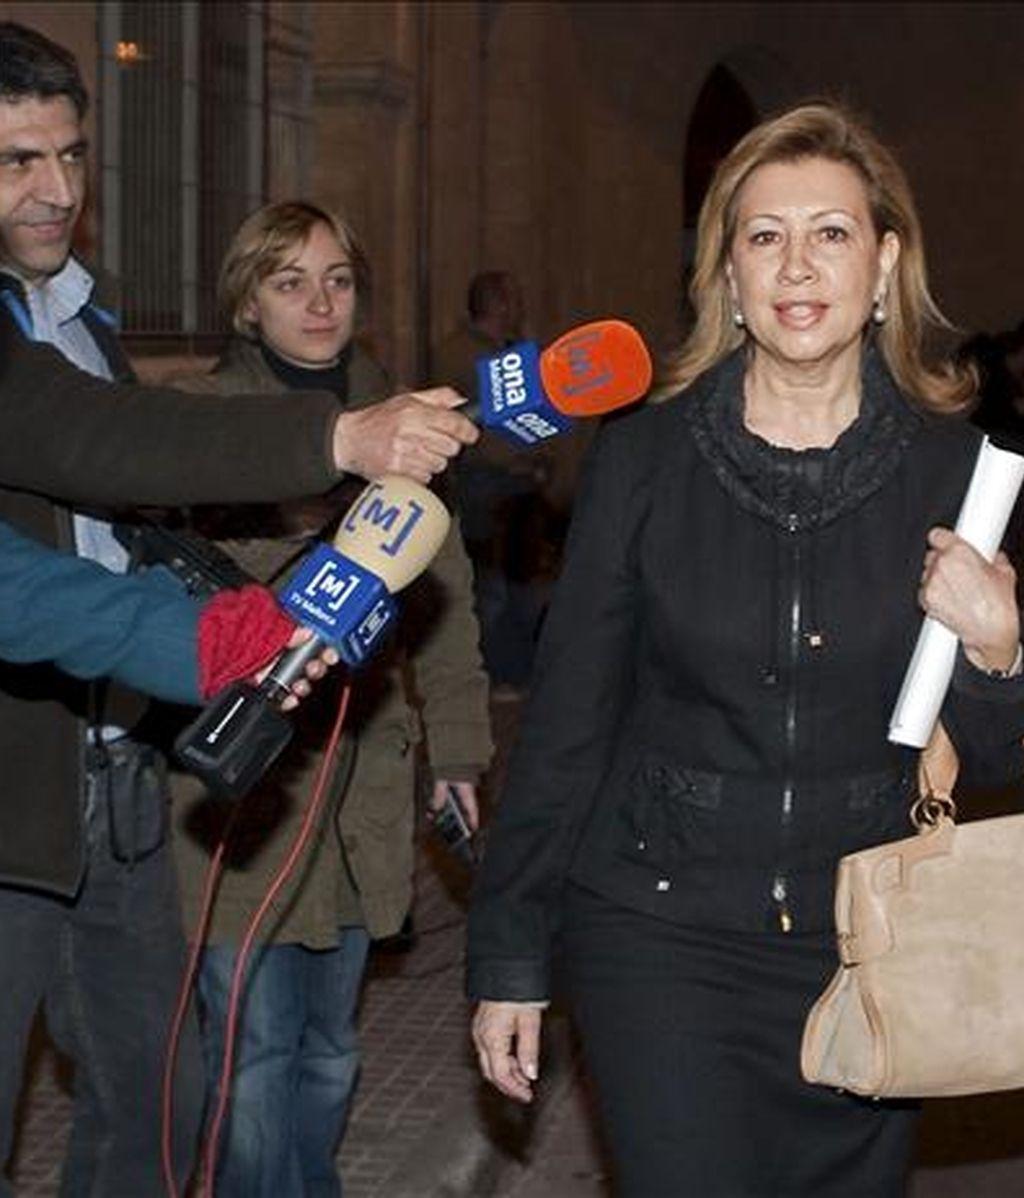 La ex presidenta del Parlamento balear y ex presidenta de UM, María Antonia Munar, sale de los juzgados tras declarar ayer por la  mañana por el caso Maquillaje. EFE/Archivo